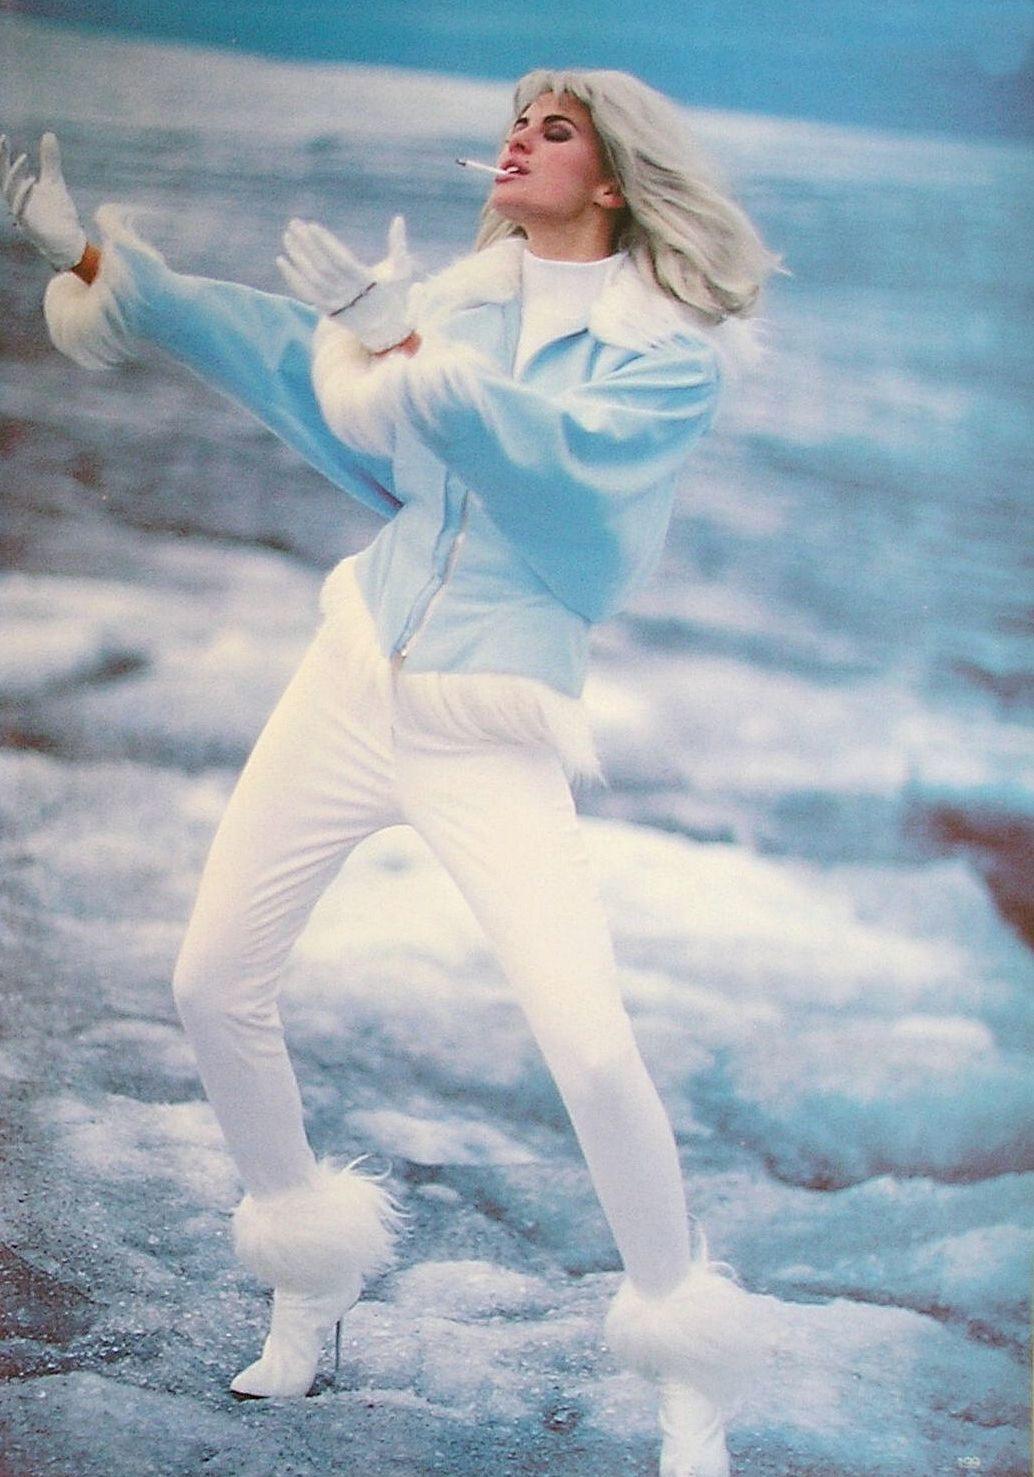 80s 90s Supermodels Eiszeit Vogue Germany November 1991